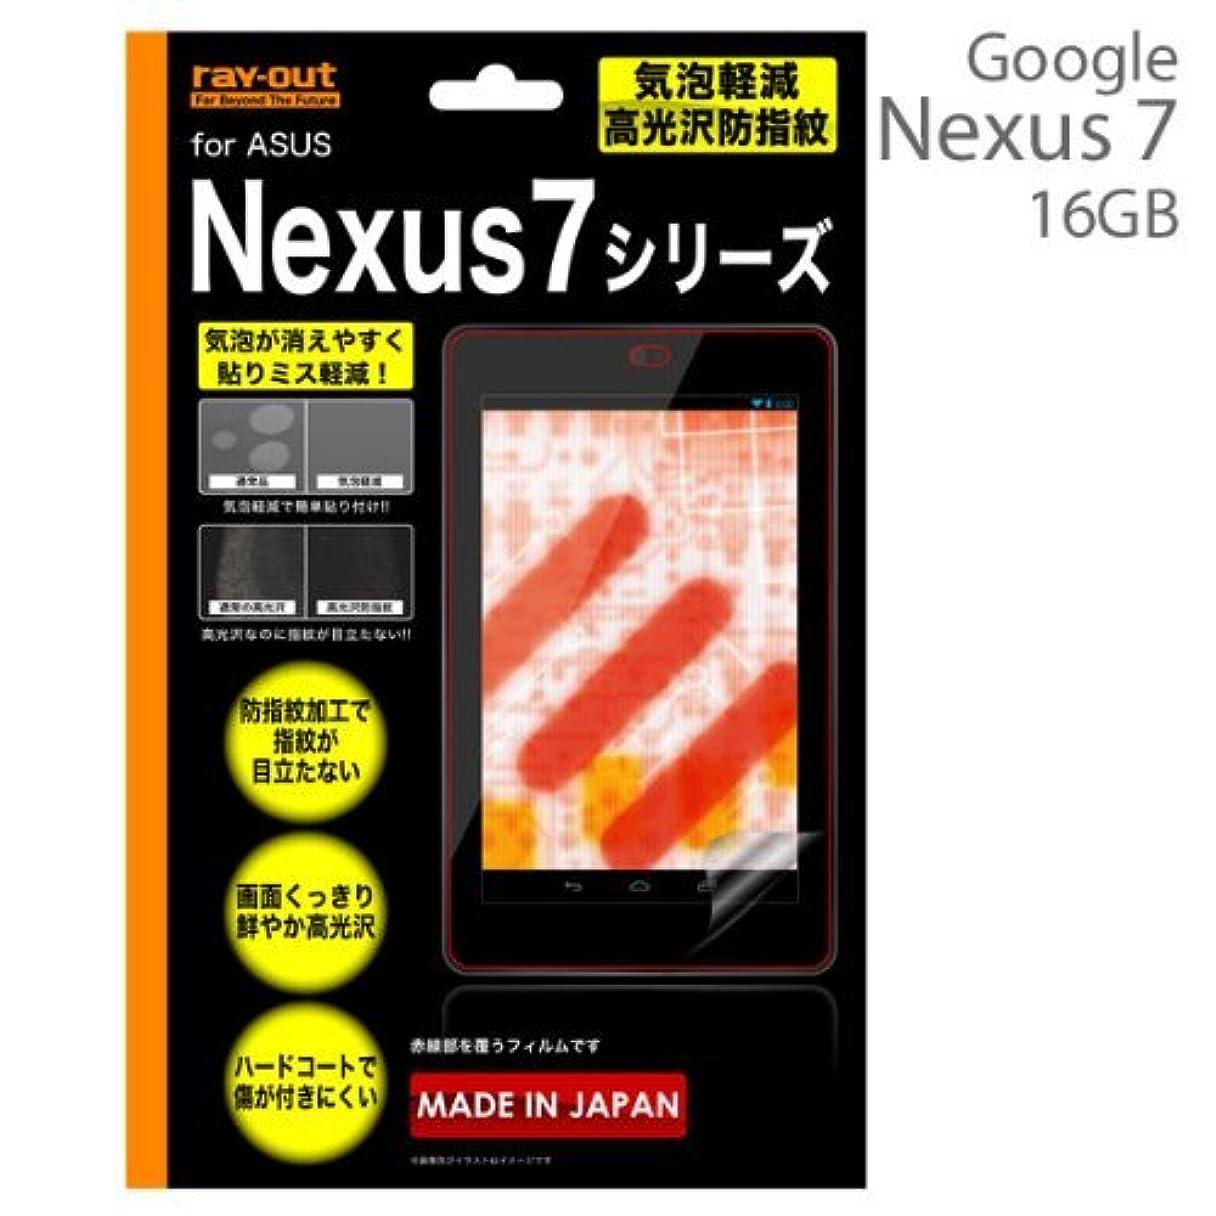 スープリハーサルマトリックスレイ?アウト Nexus7(2012)-16G用気泡軽減高光沢防指紋保護フィルム RT-NX7F/C1